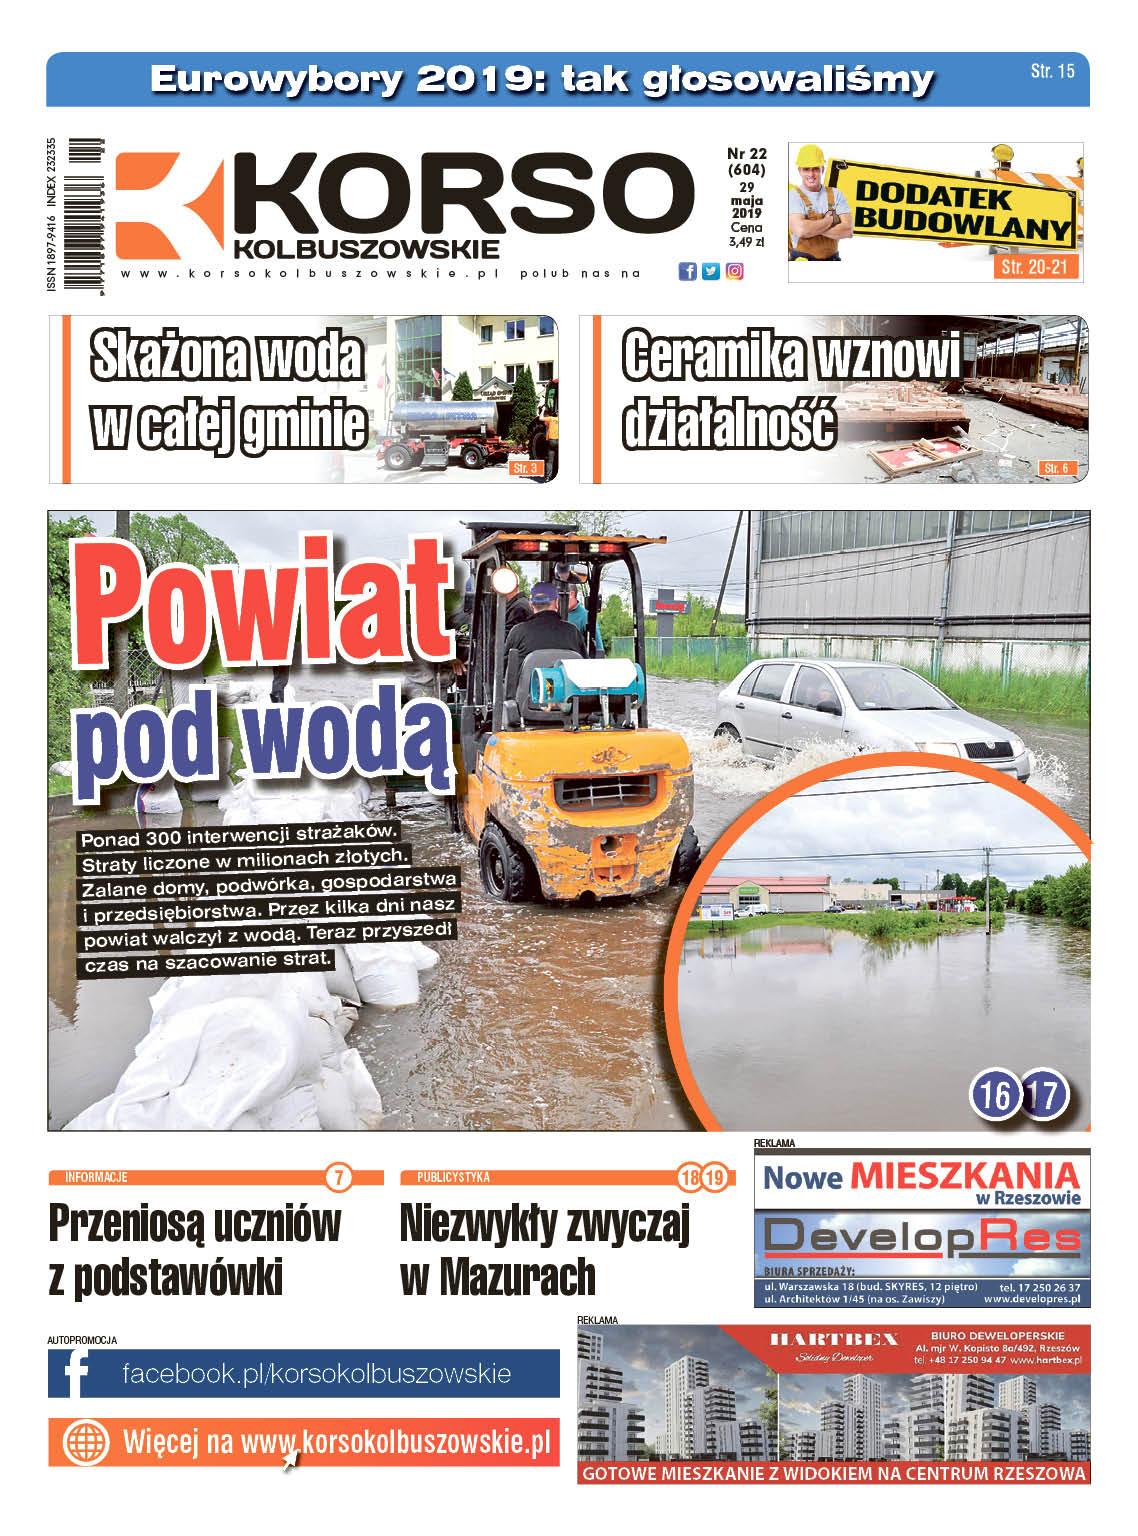 Korso Kolbuszowskie - nr 22/2019 - Zdjęcie główne